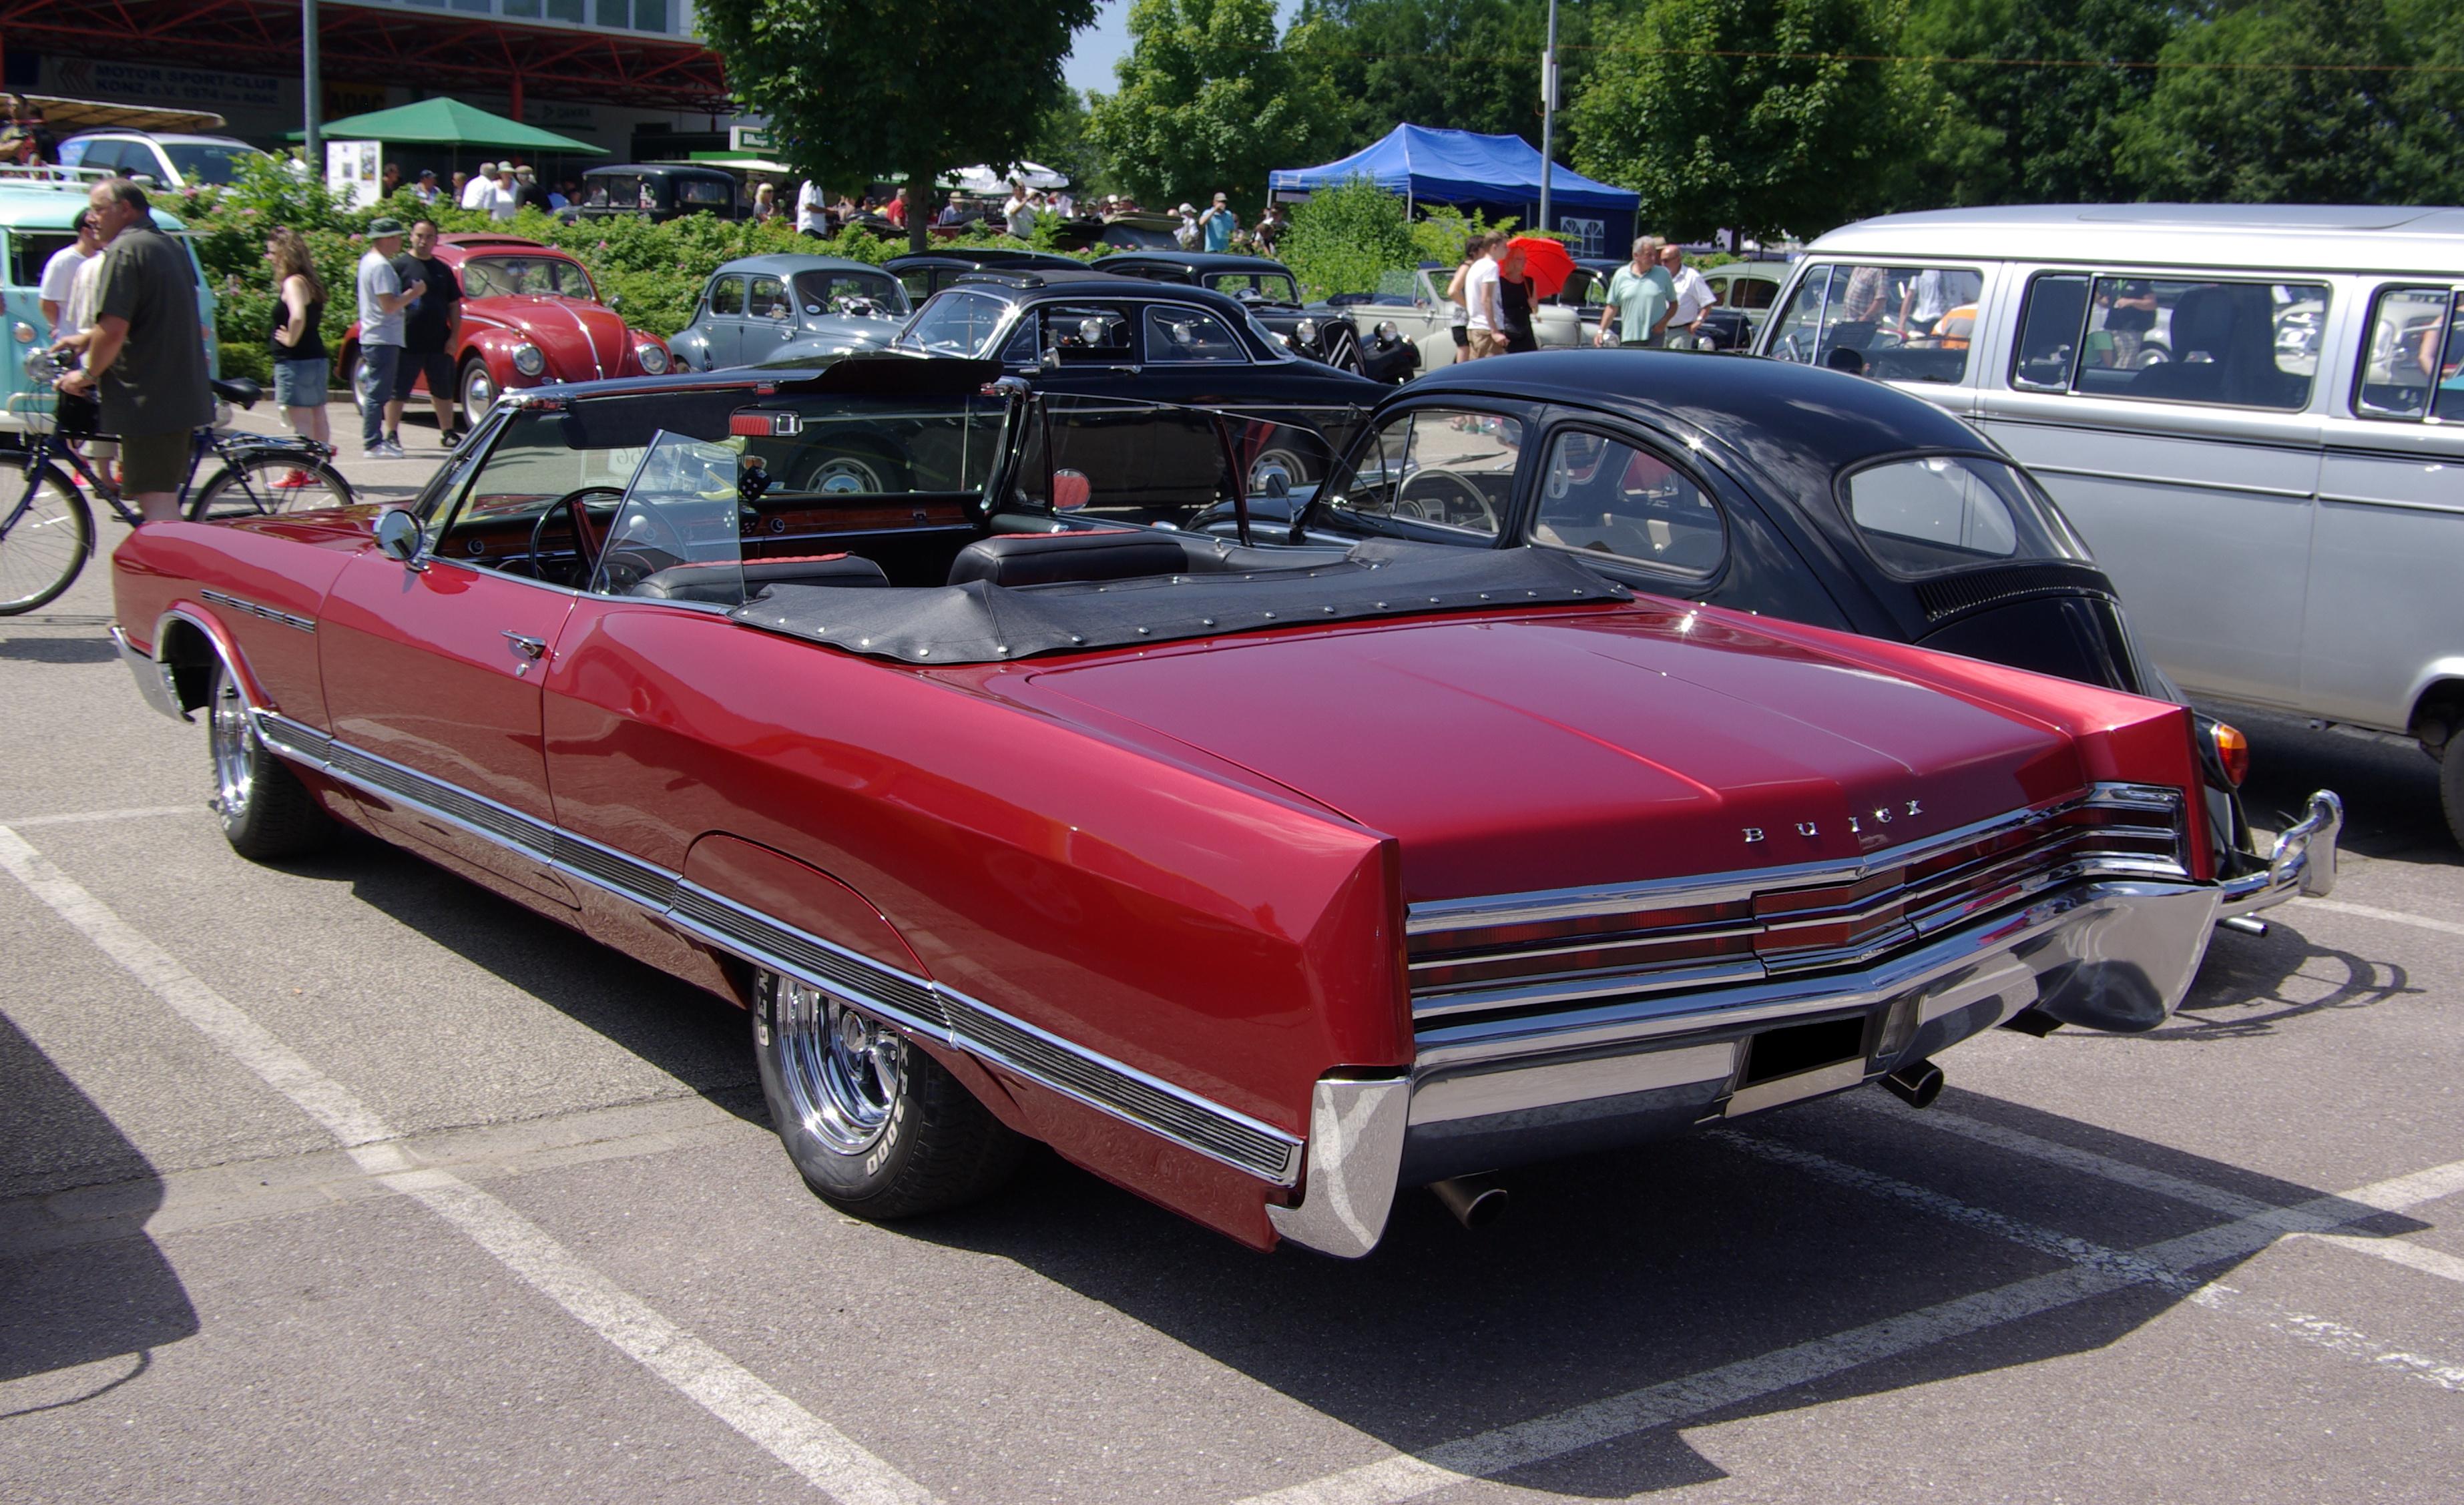 File Buick Electra 225 2013 07 21 13 53 59 Jpg Wikimedia